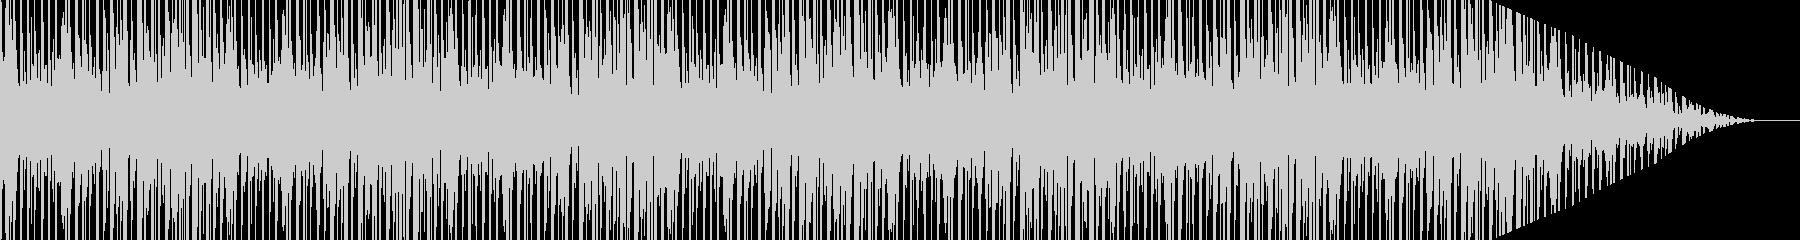 軽快なリズムで弾むような明るいポップ曲の未再生の波形